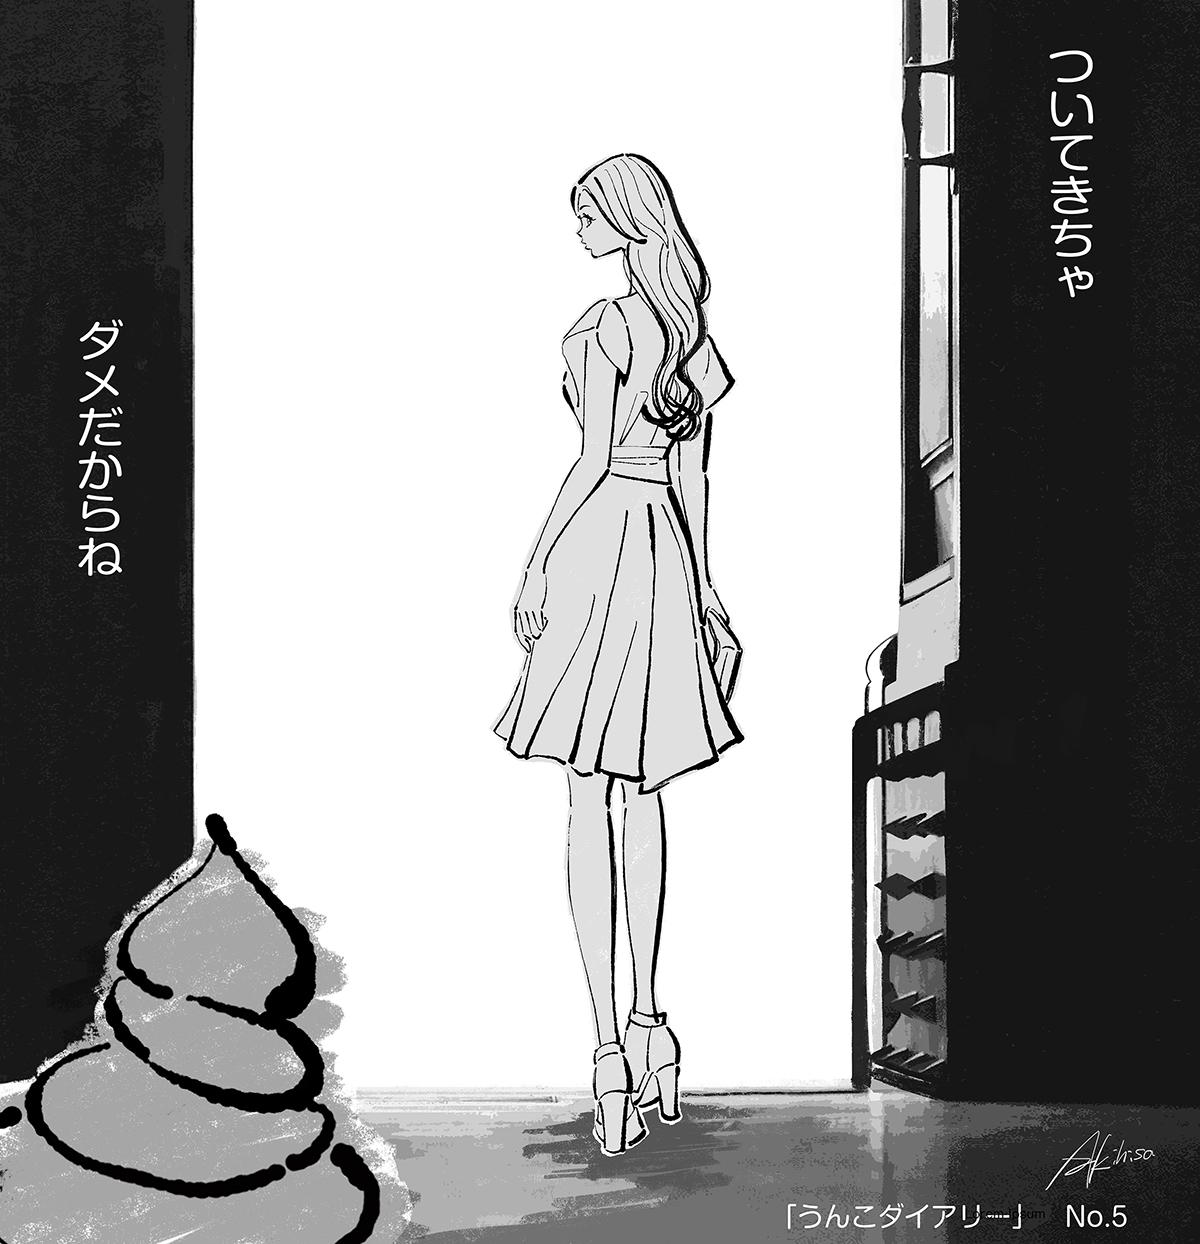 連載イラスト「うんこダイアリー」No.05 ついてきちゃダメだからね